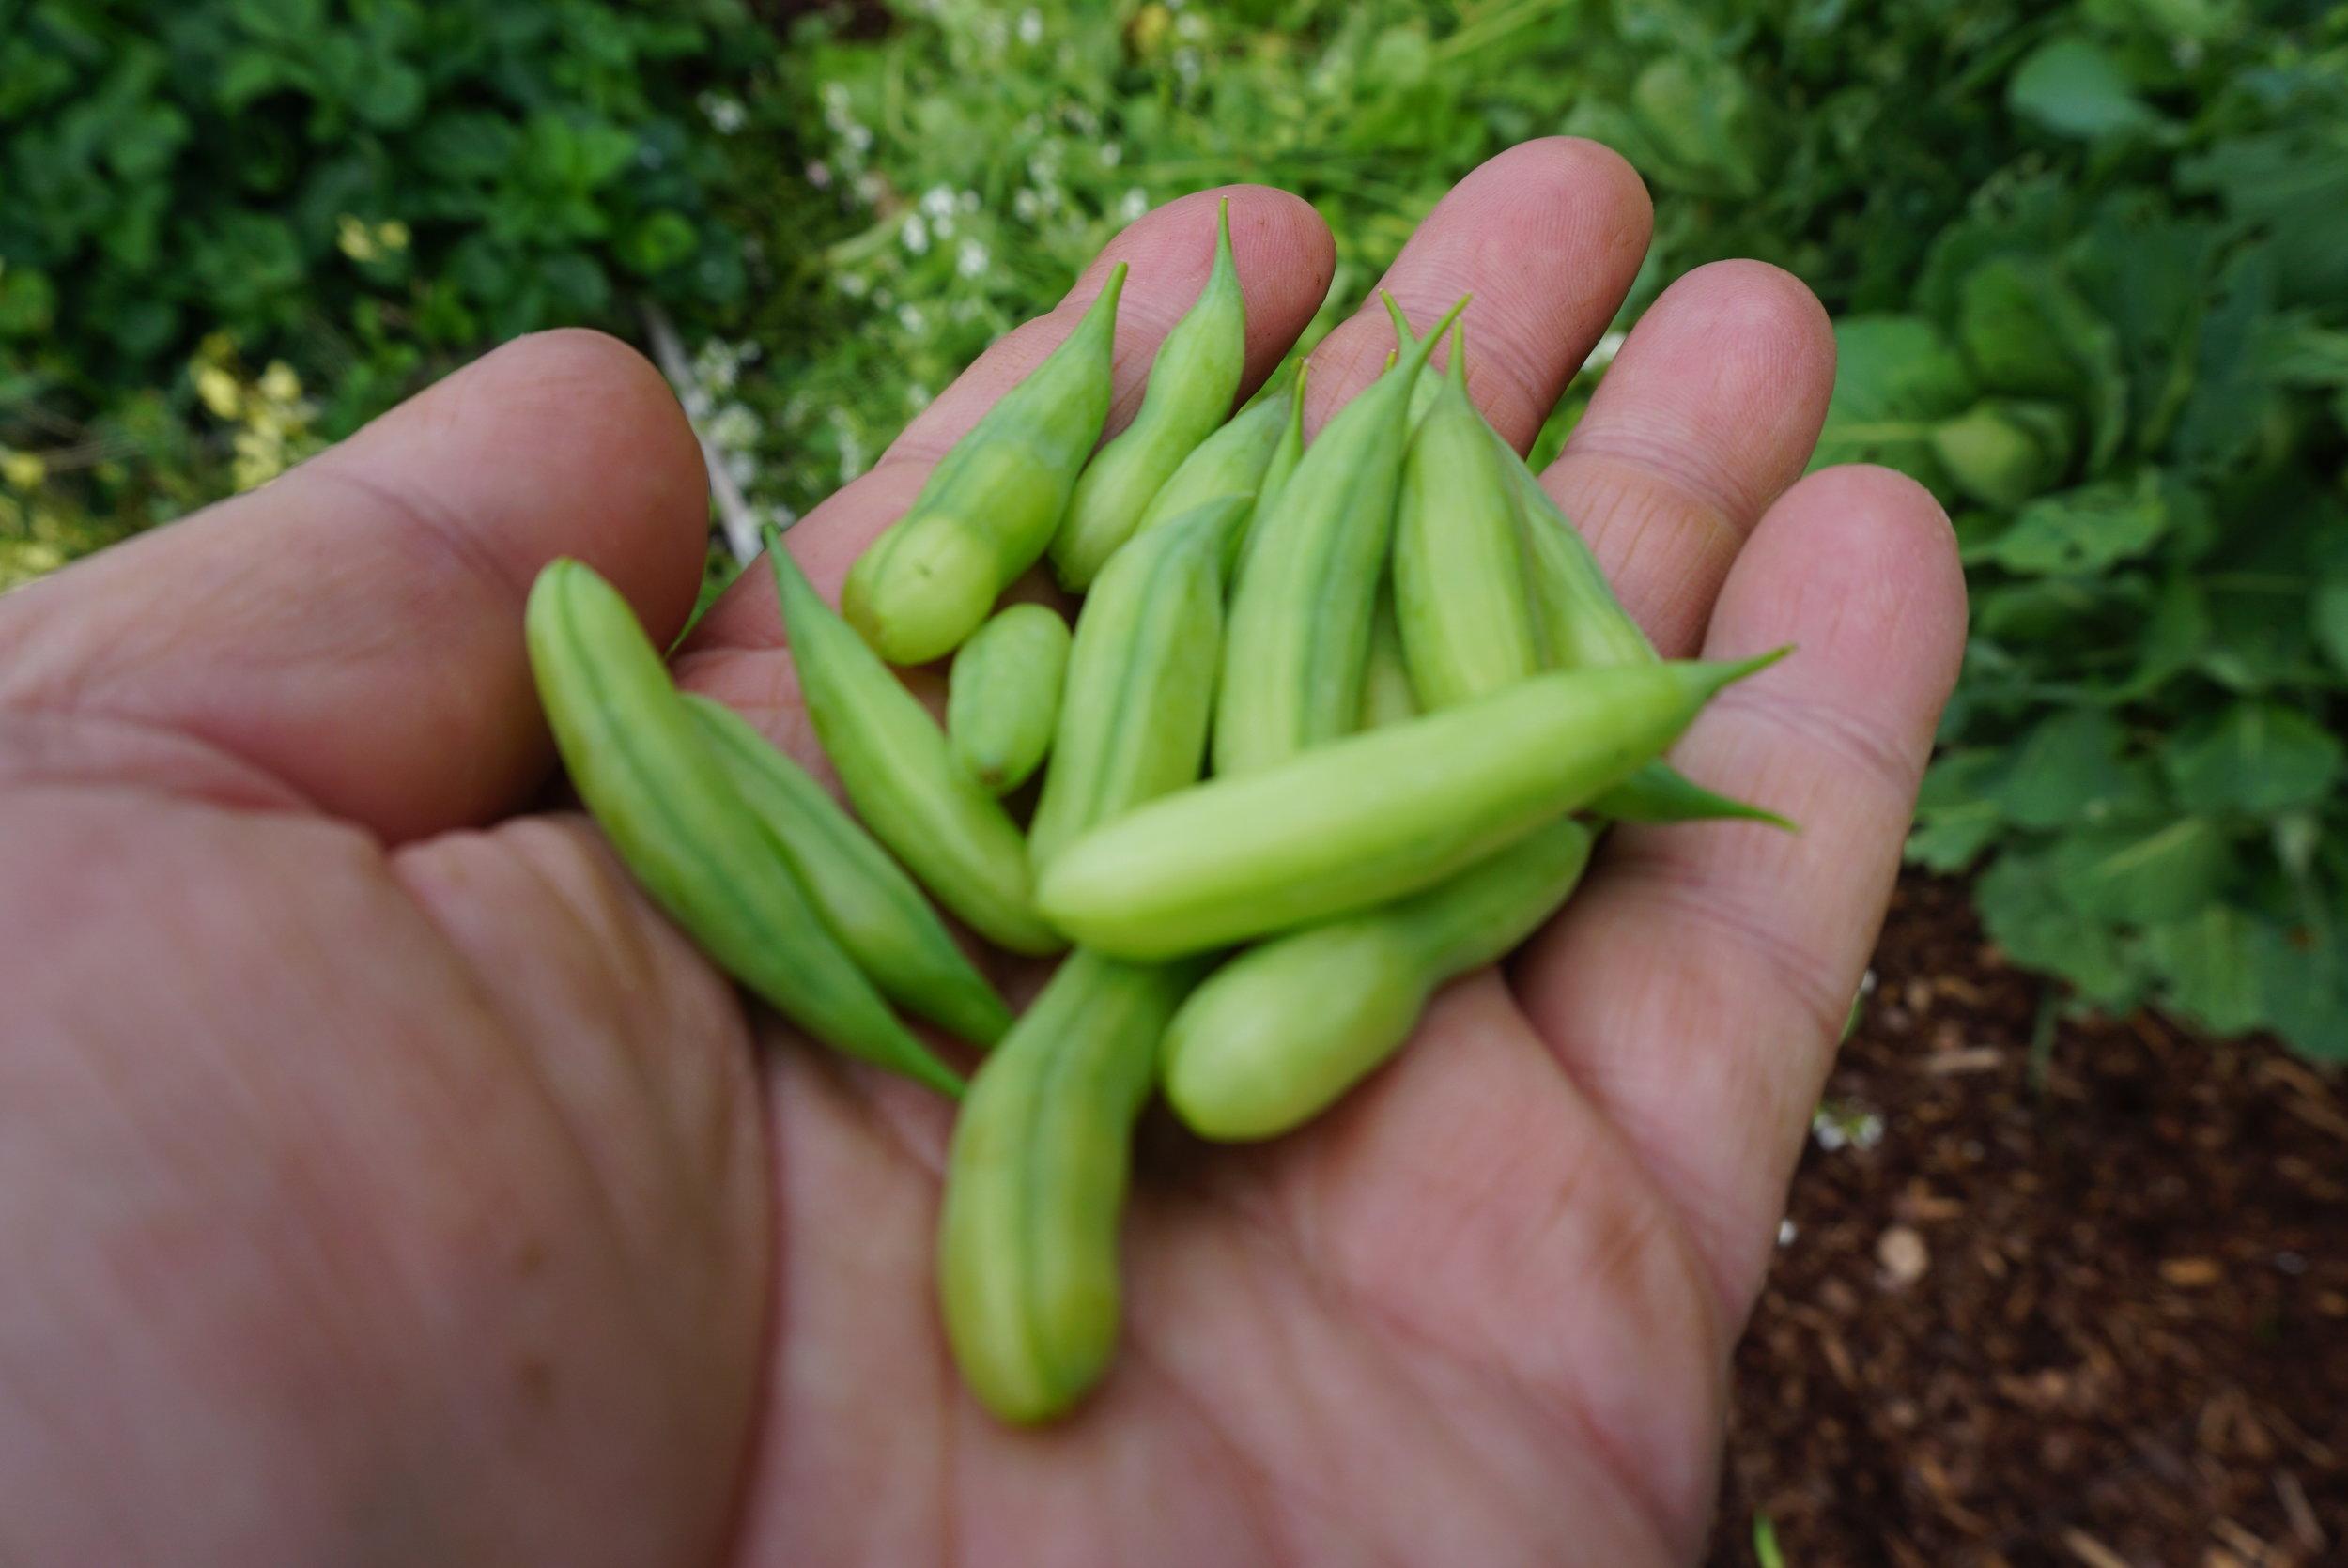 Smakfulle og saftige er de reddikens frøstander - og ikke helt ulike brytsukkererter i formen